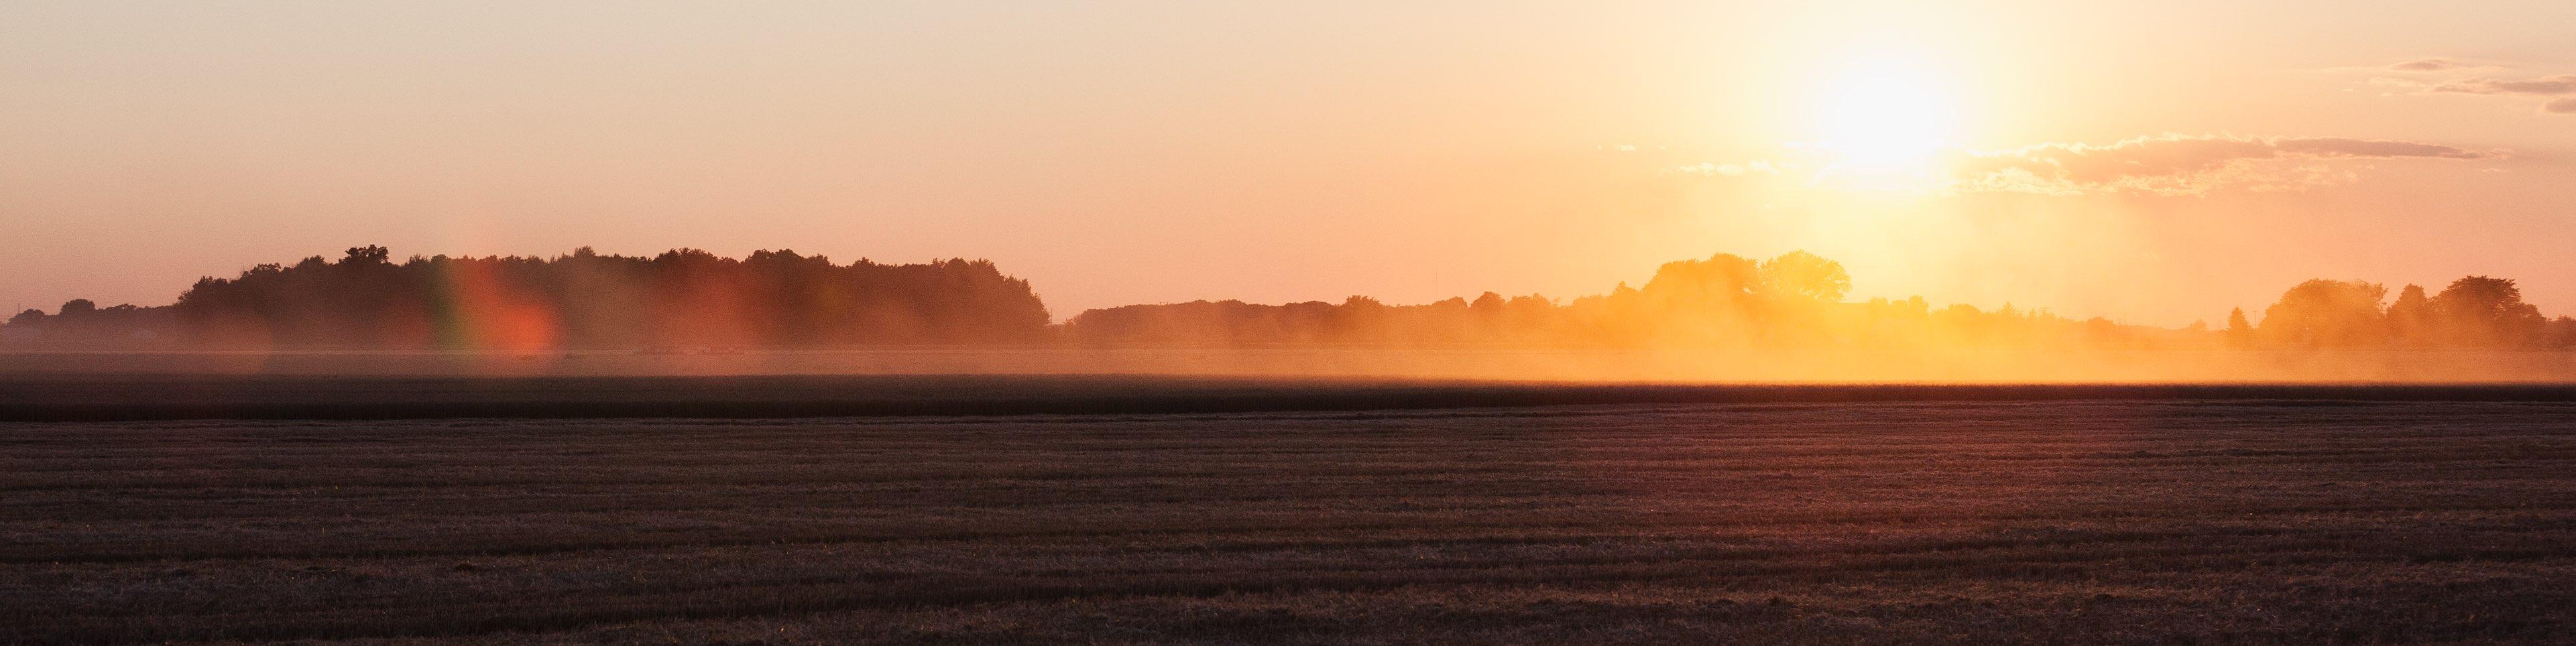 Field at twilight